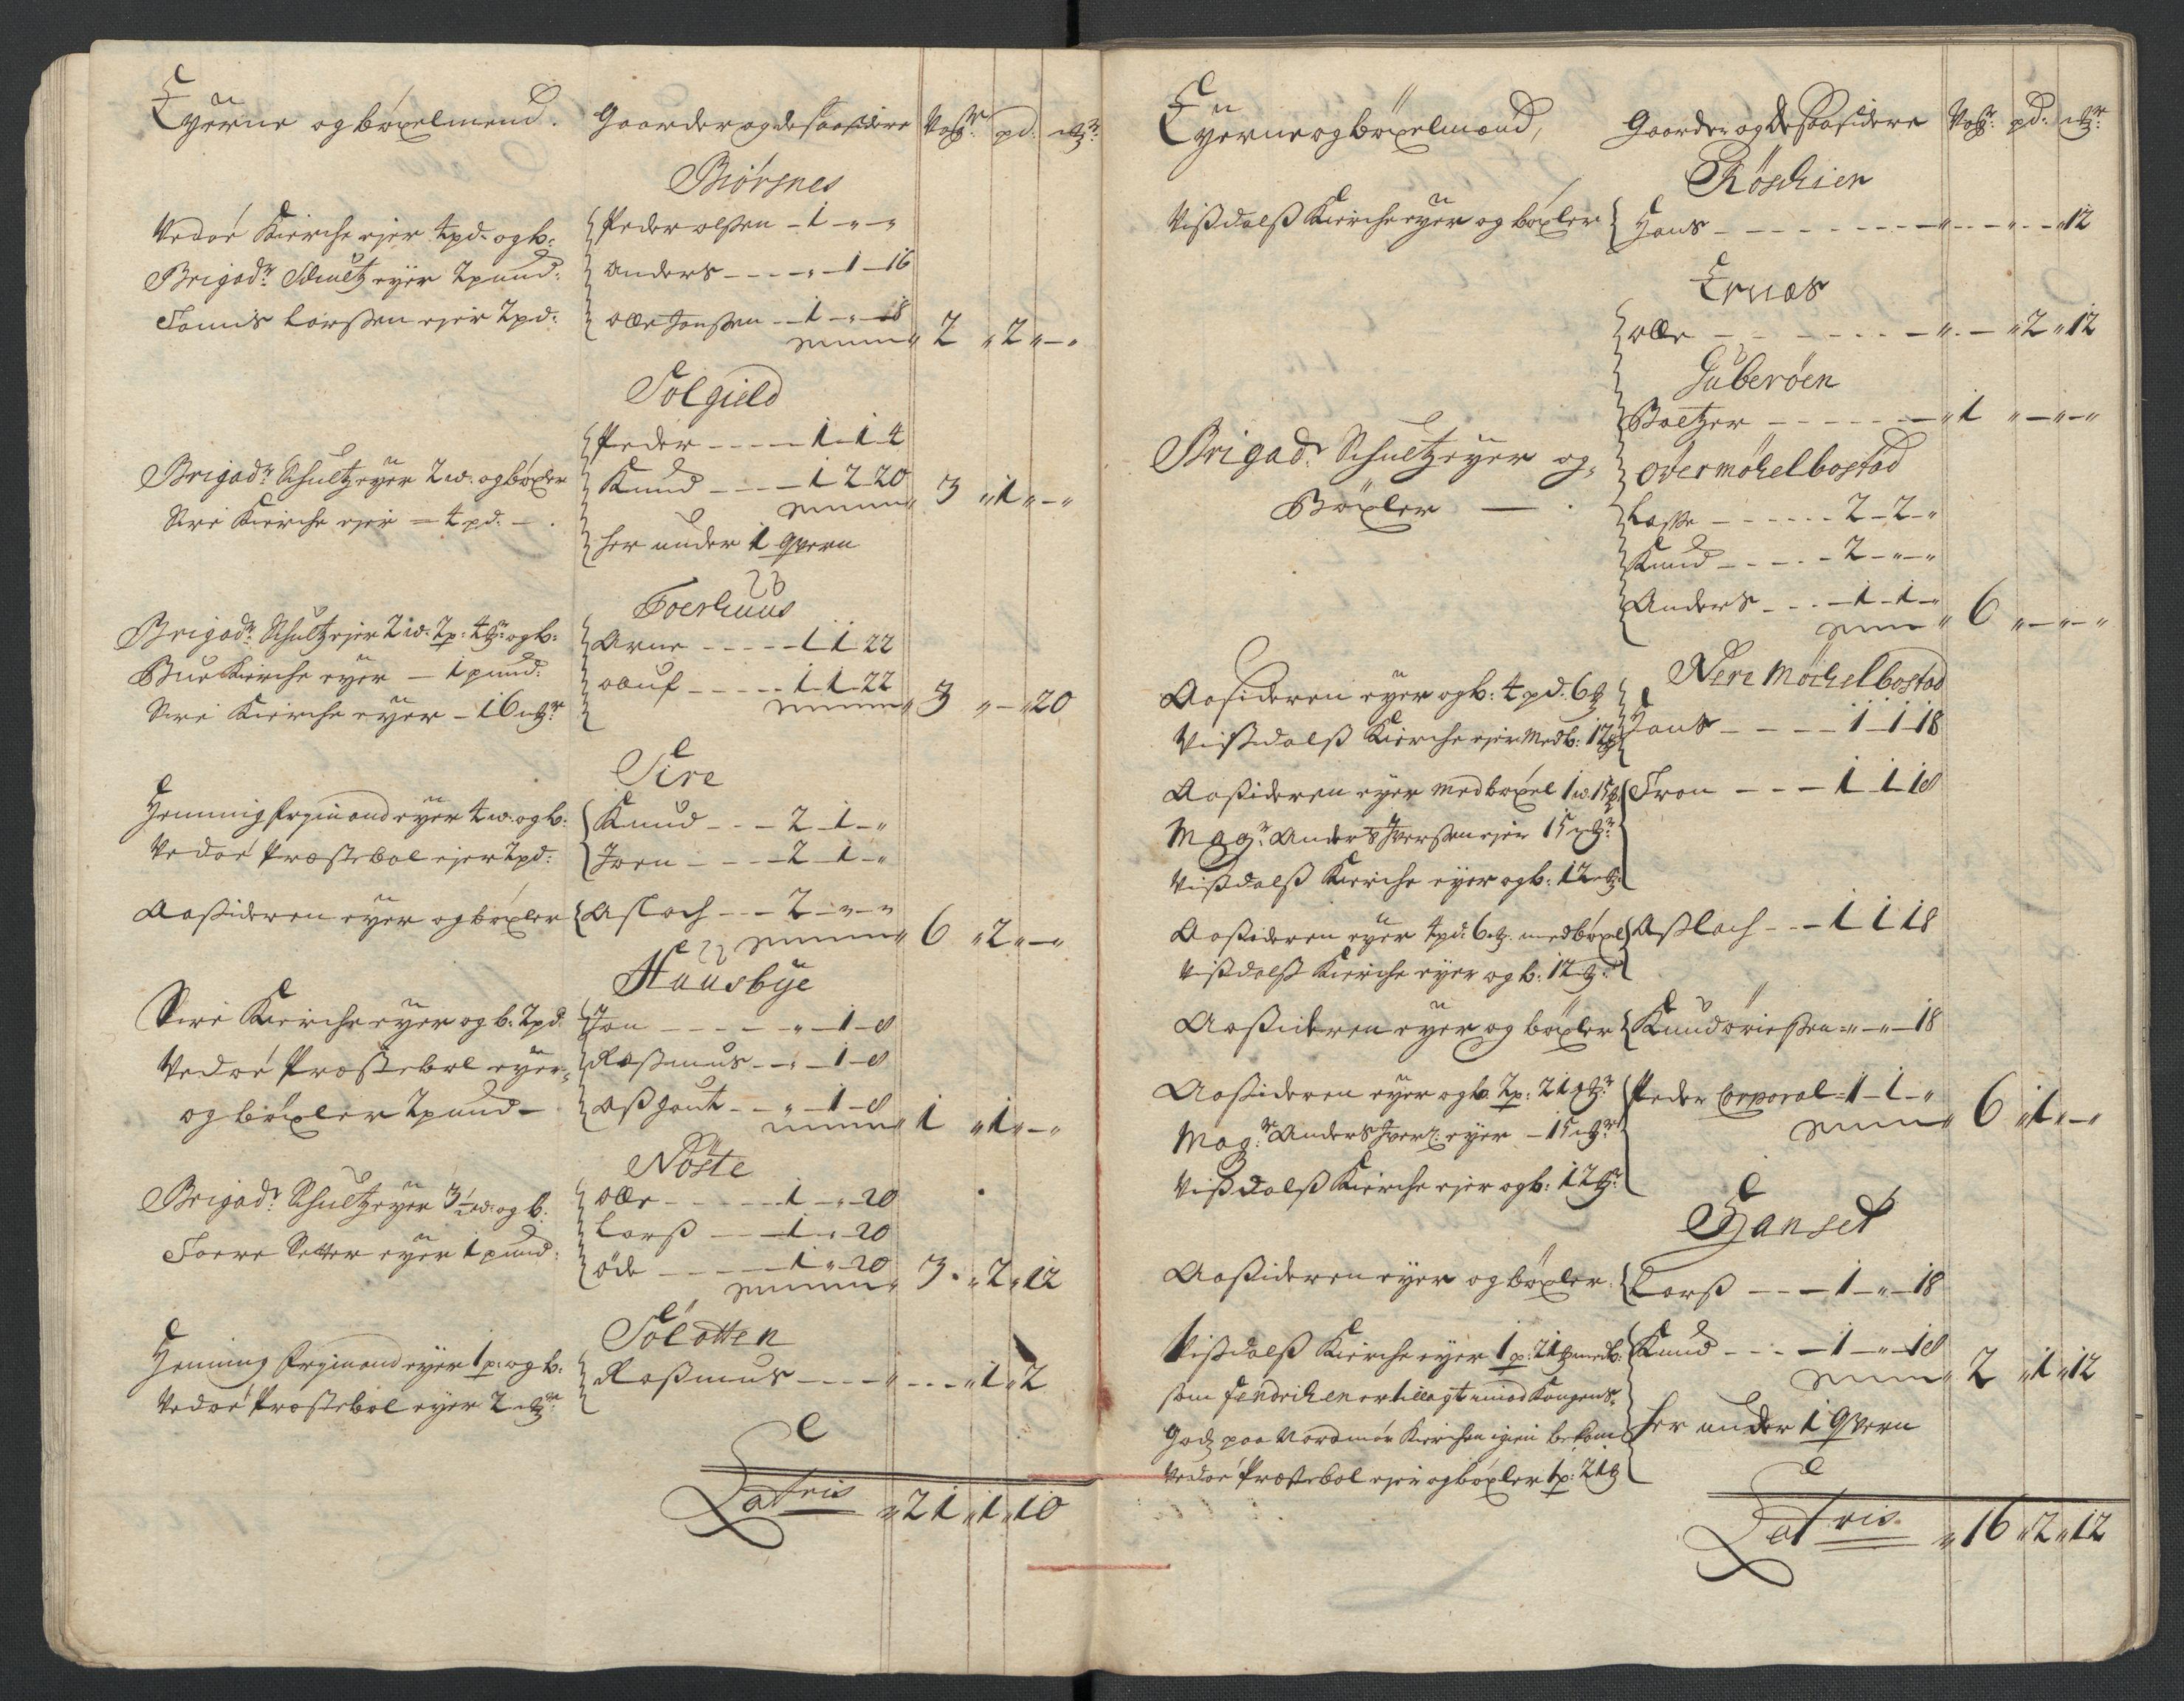 RA, Rentekammeret inntil 1814, Reviderte regnskaper, Fogderegnskap, R55/L3658: Fogderegnskap Romsdal, 1707-1708, s. 202